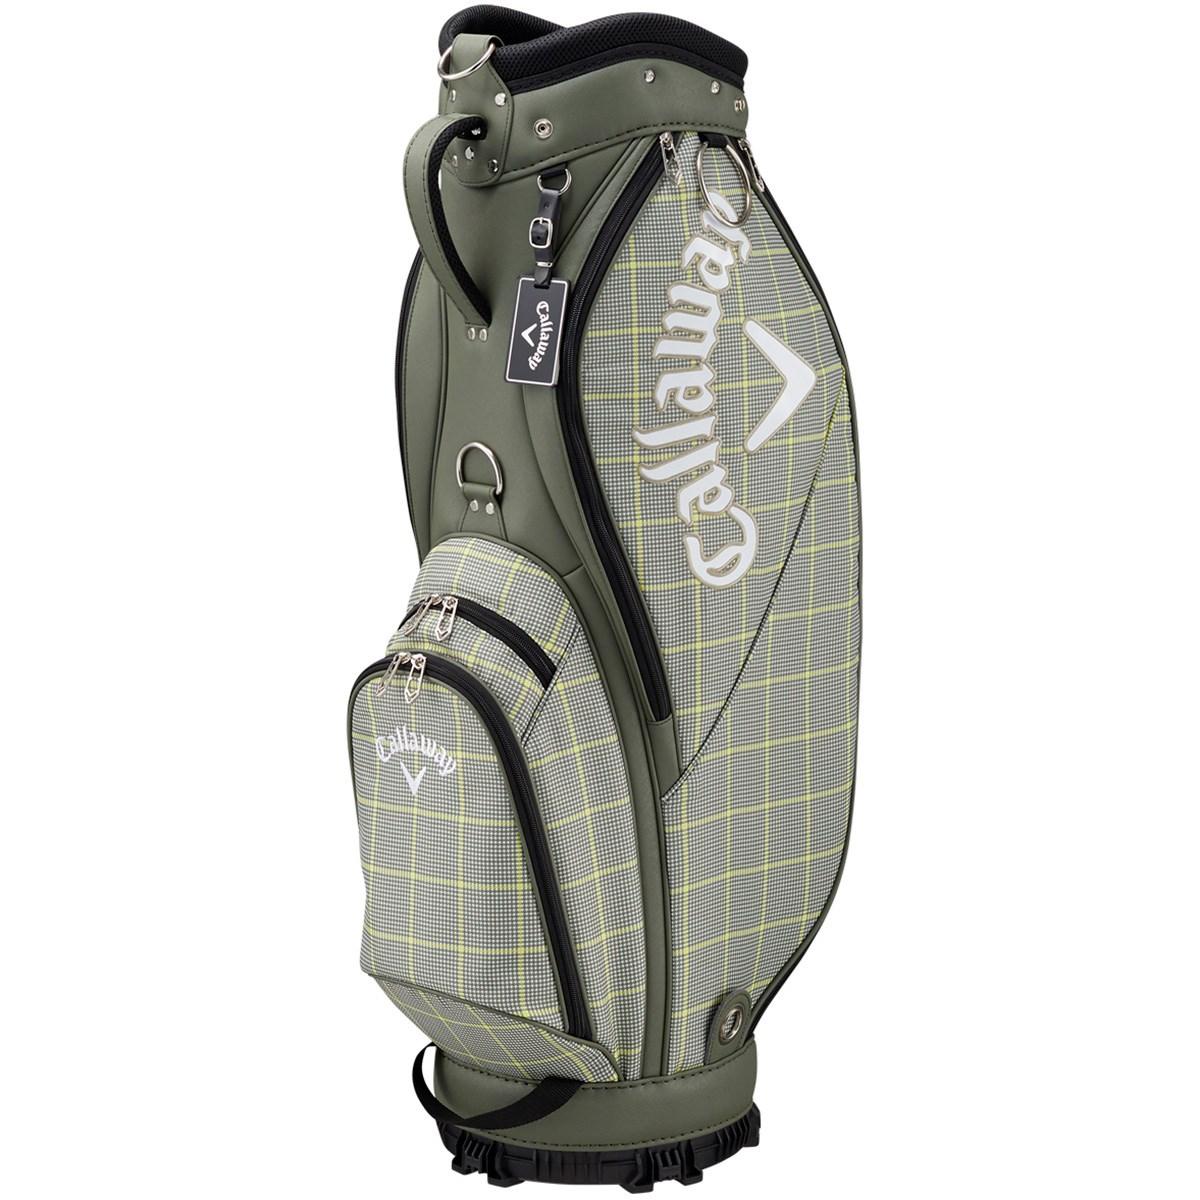 キャロウェイゴルフ Callaway Golf BG CT STYLE キャディバッグ グリーン